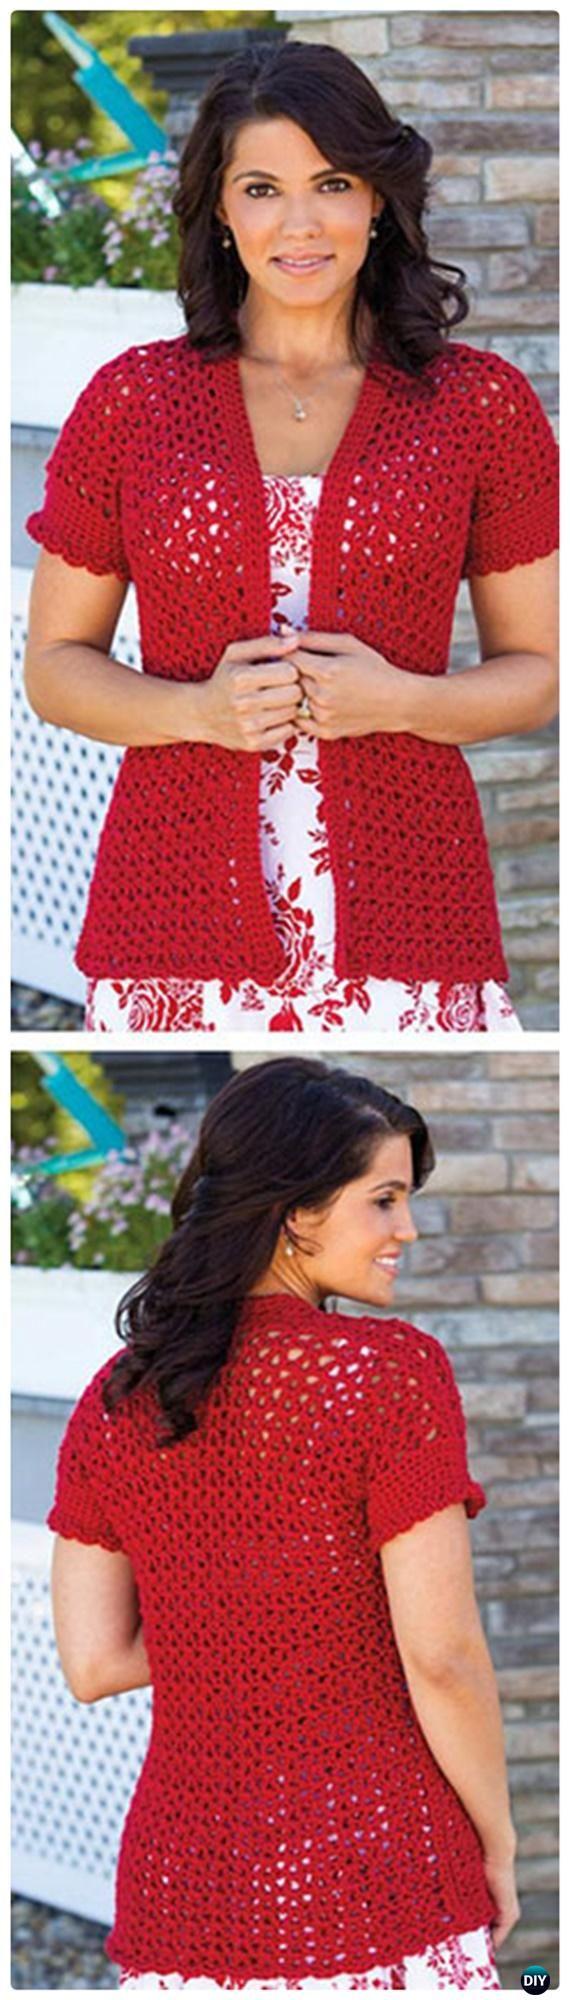 Crochet Summer Jacket Free Pattern - Crochet Women Sweater Coat-Cardigan Free Patterns